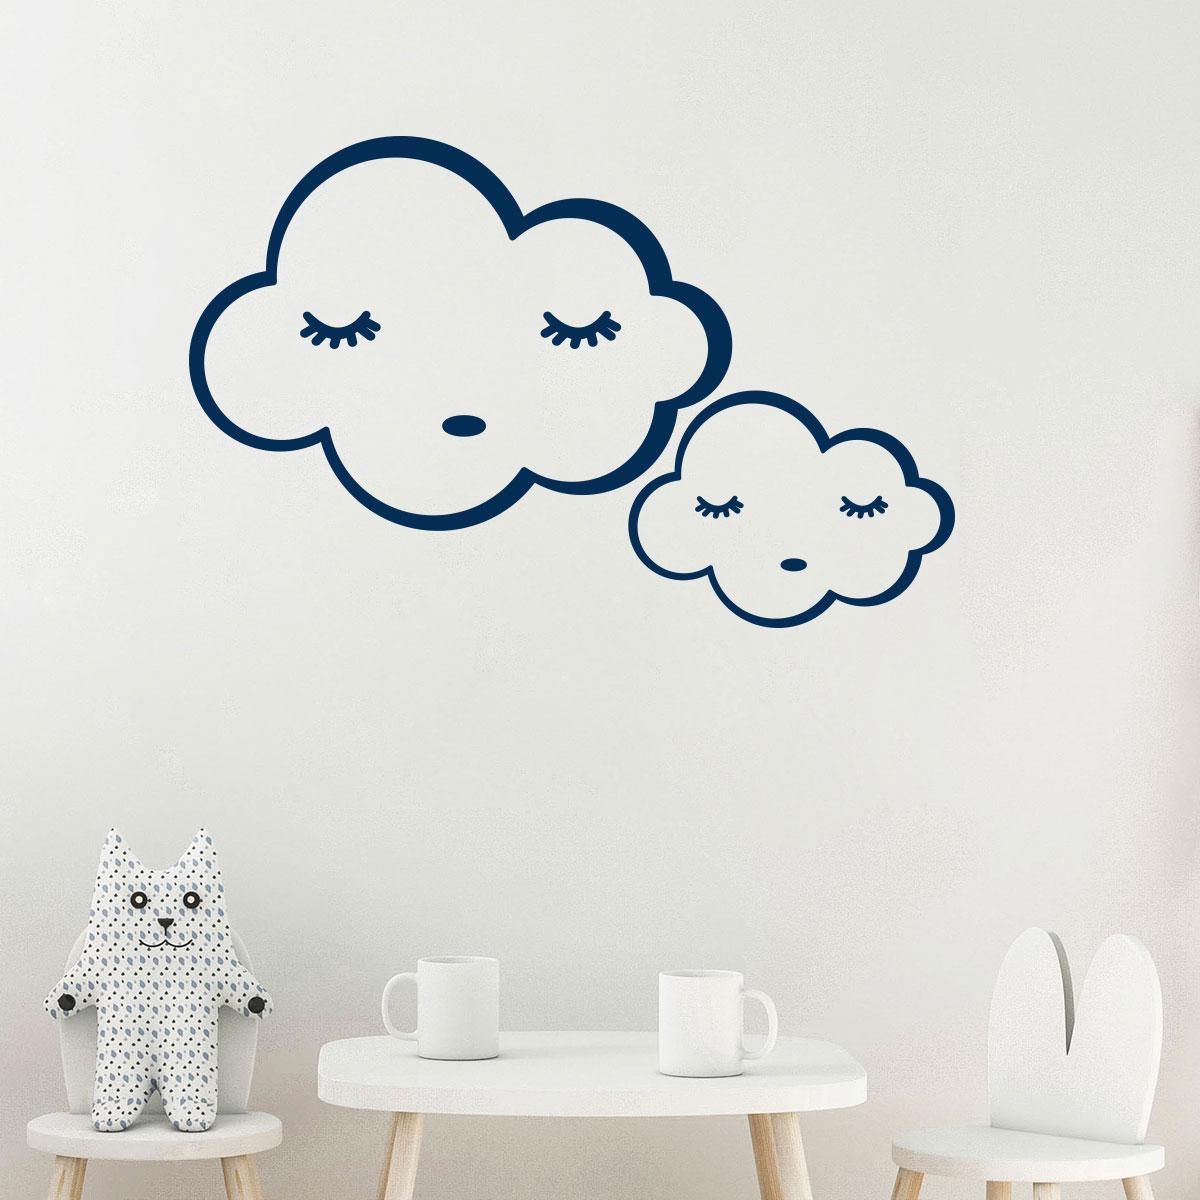 Sticker nuages bonne nuit